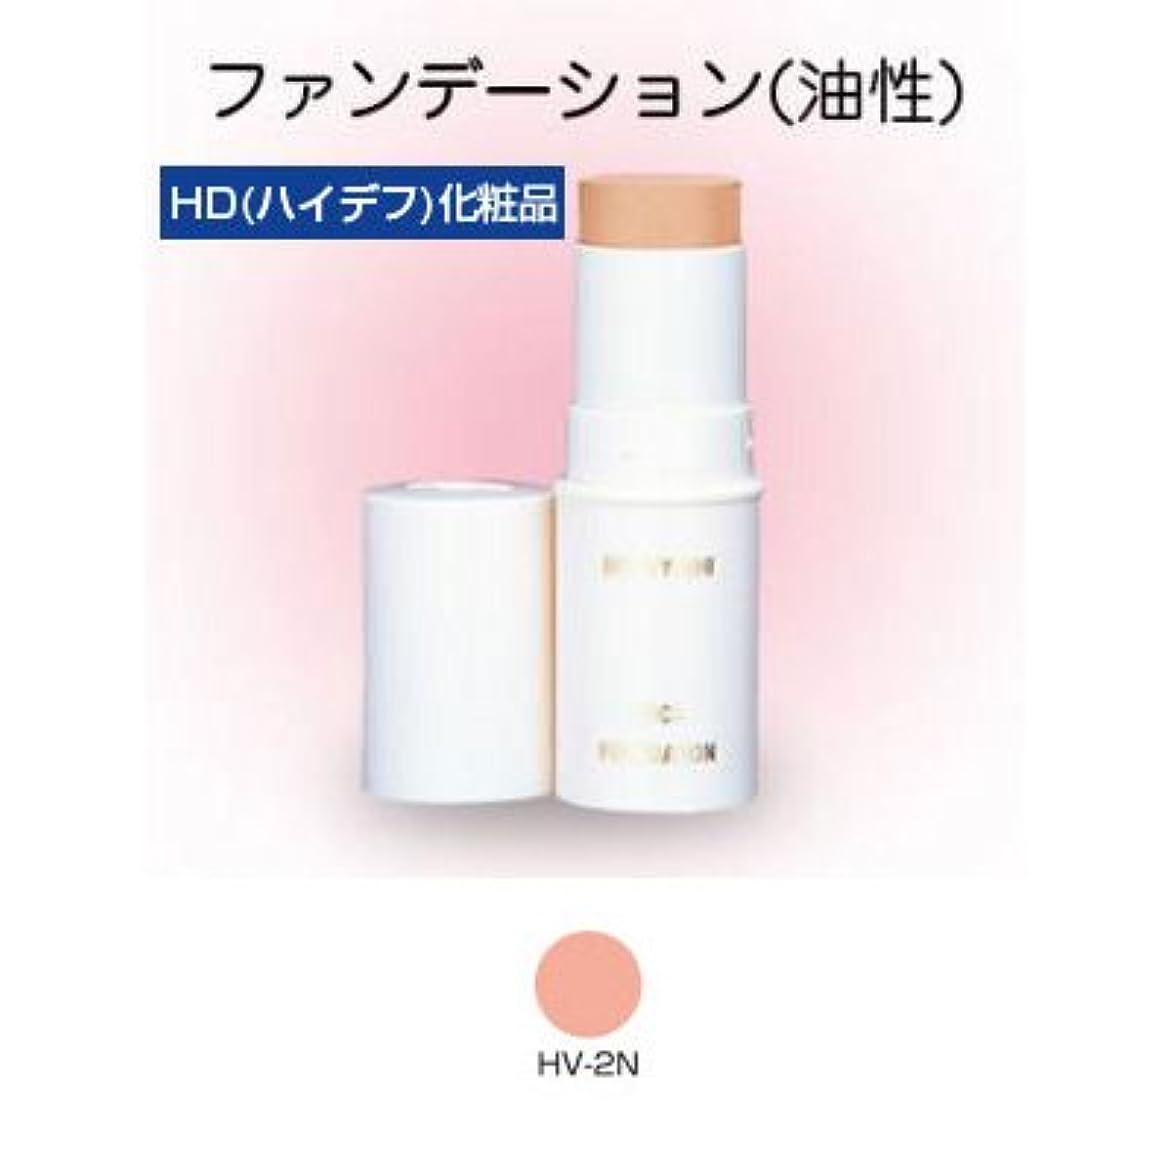 悪用エレベーター乱すスティックファンデーション HD化粧品 17g 2NR 【三善】